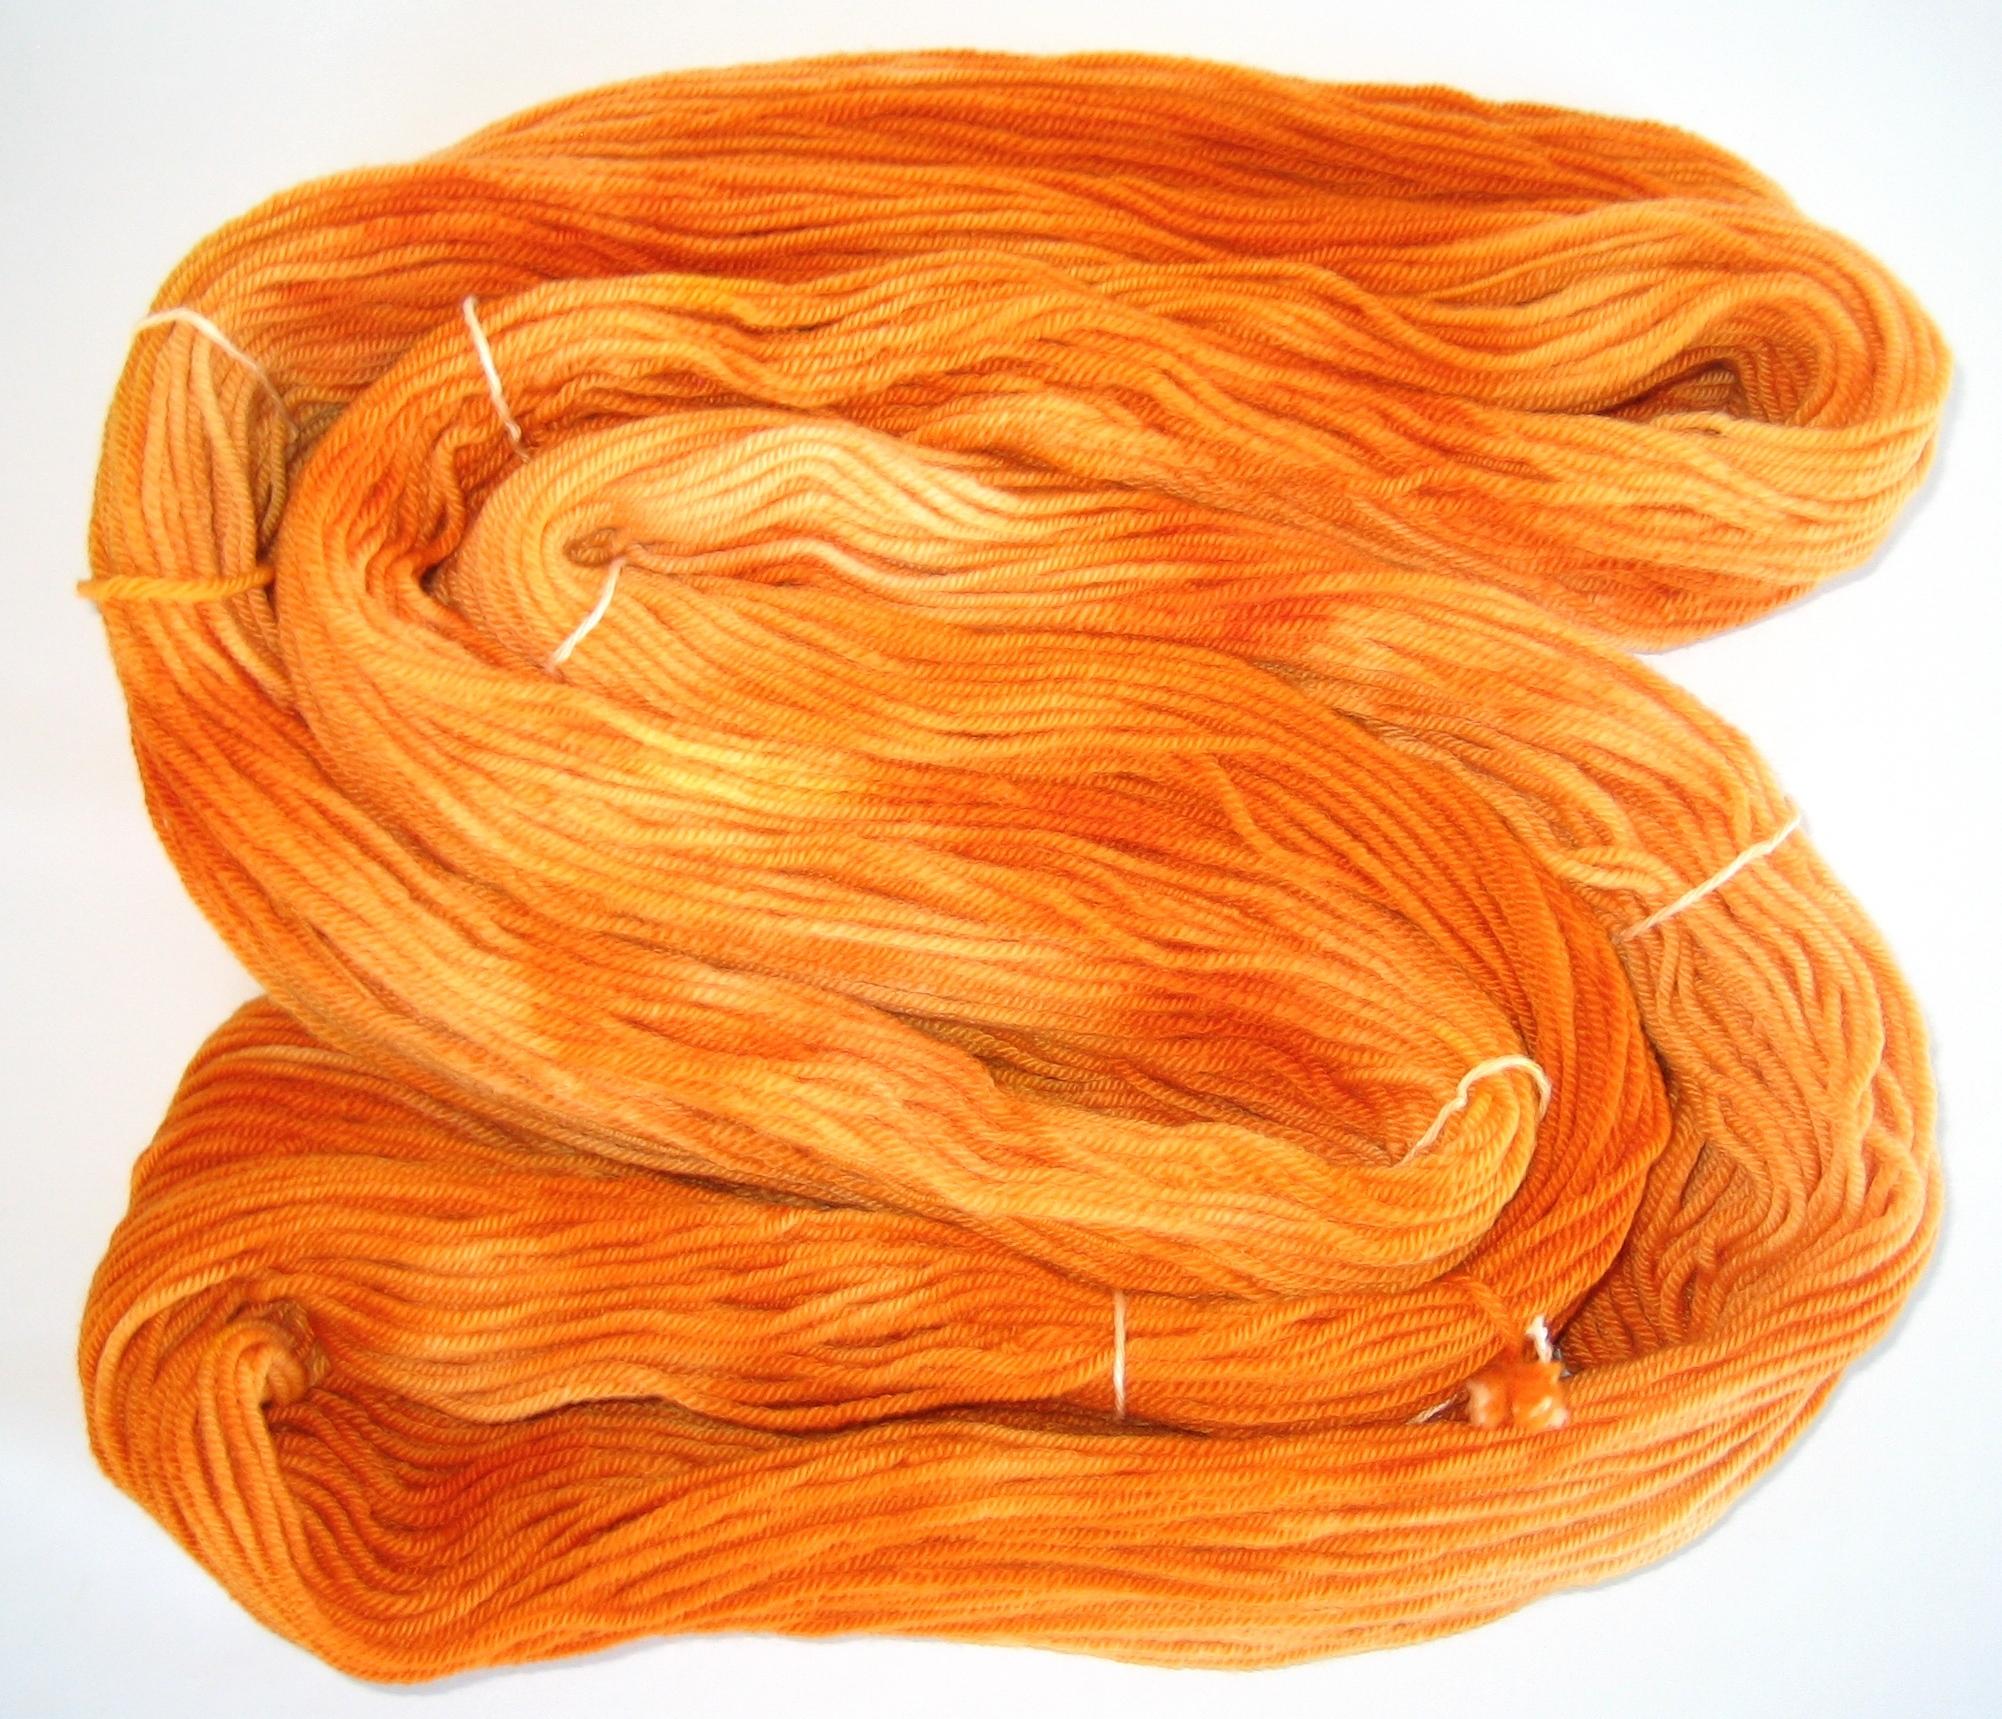 garnyarn-håndfarvet-garn-mellem-merinould-baeredygtig-varm-orange